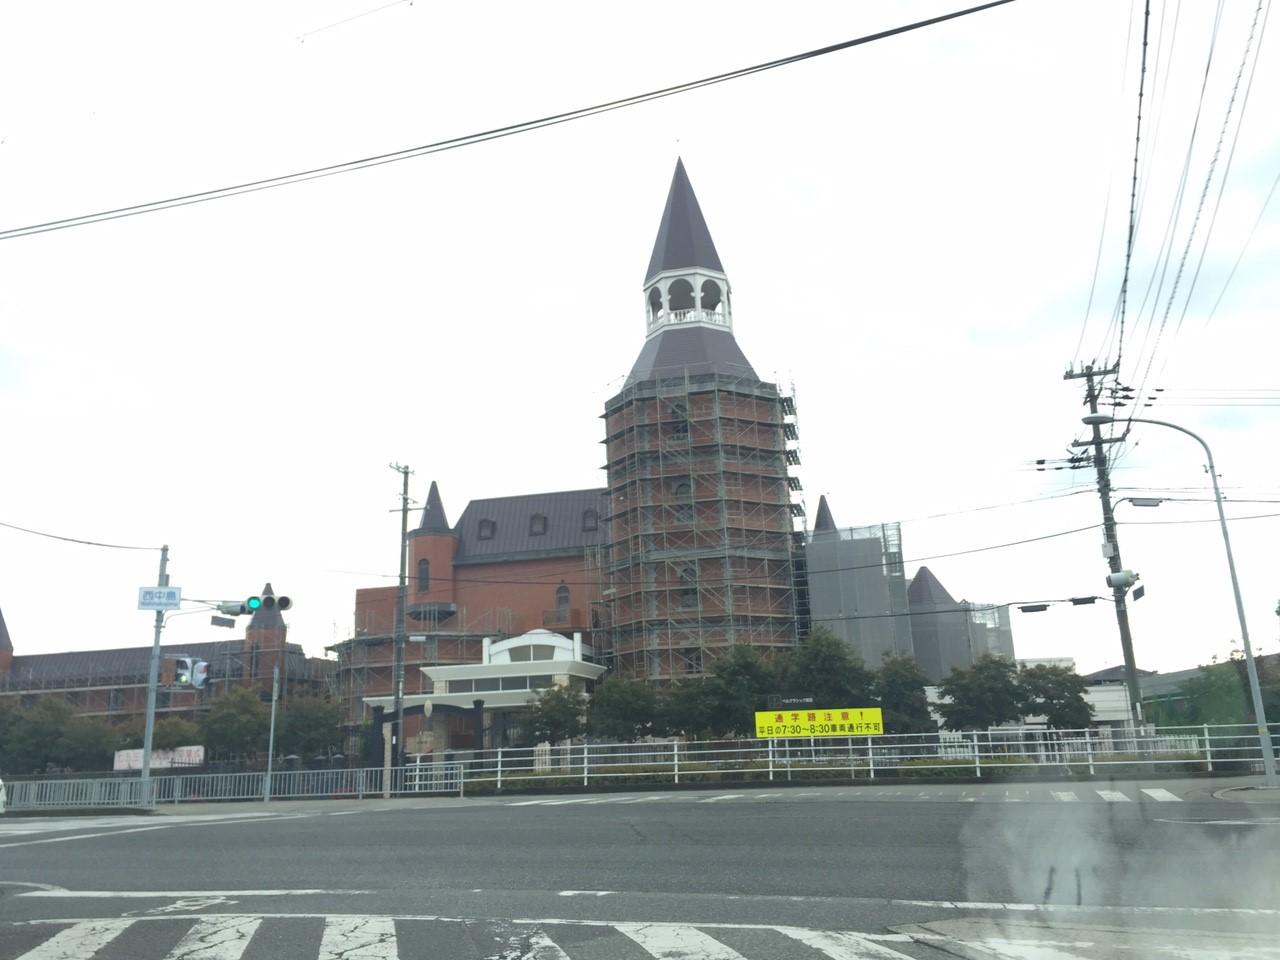 ベルクラッシク姫路が改装工事している_6269